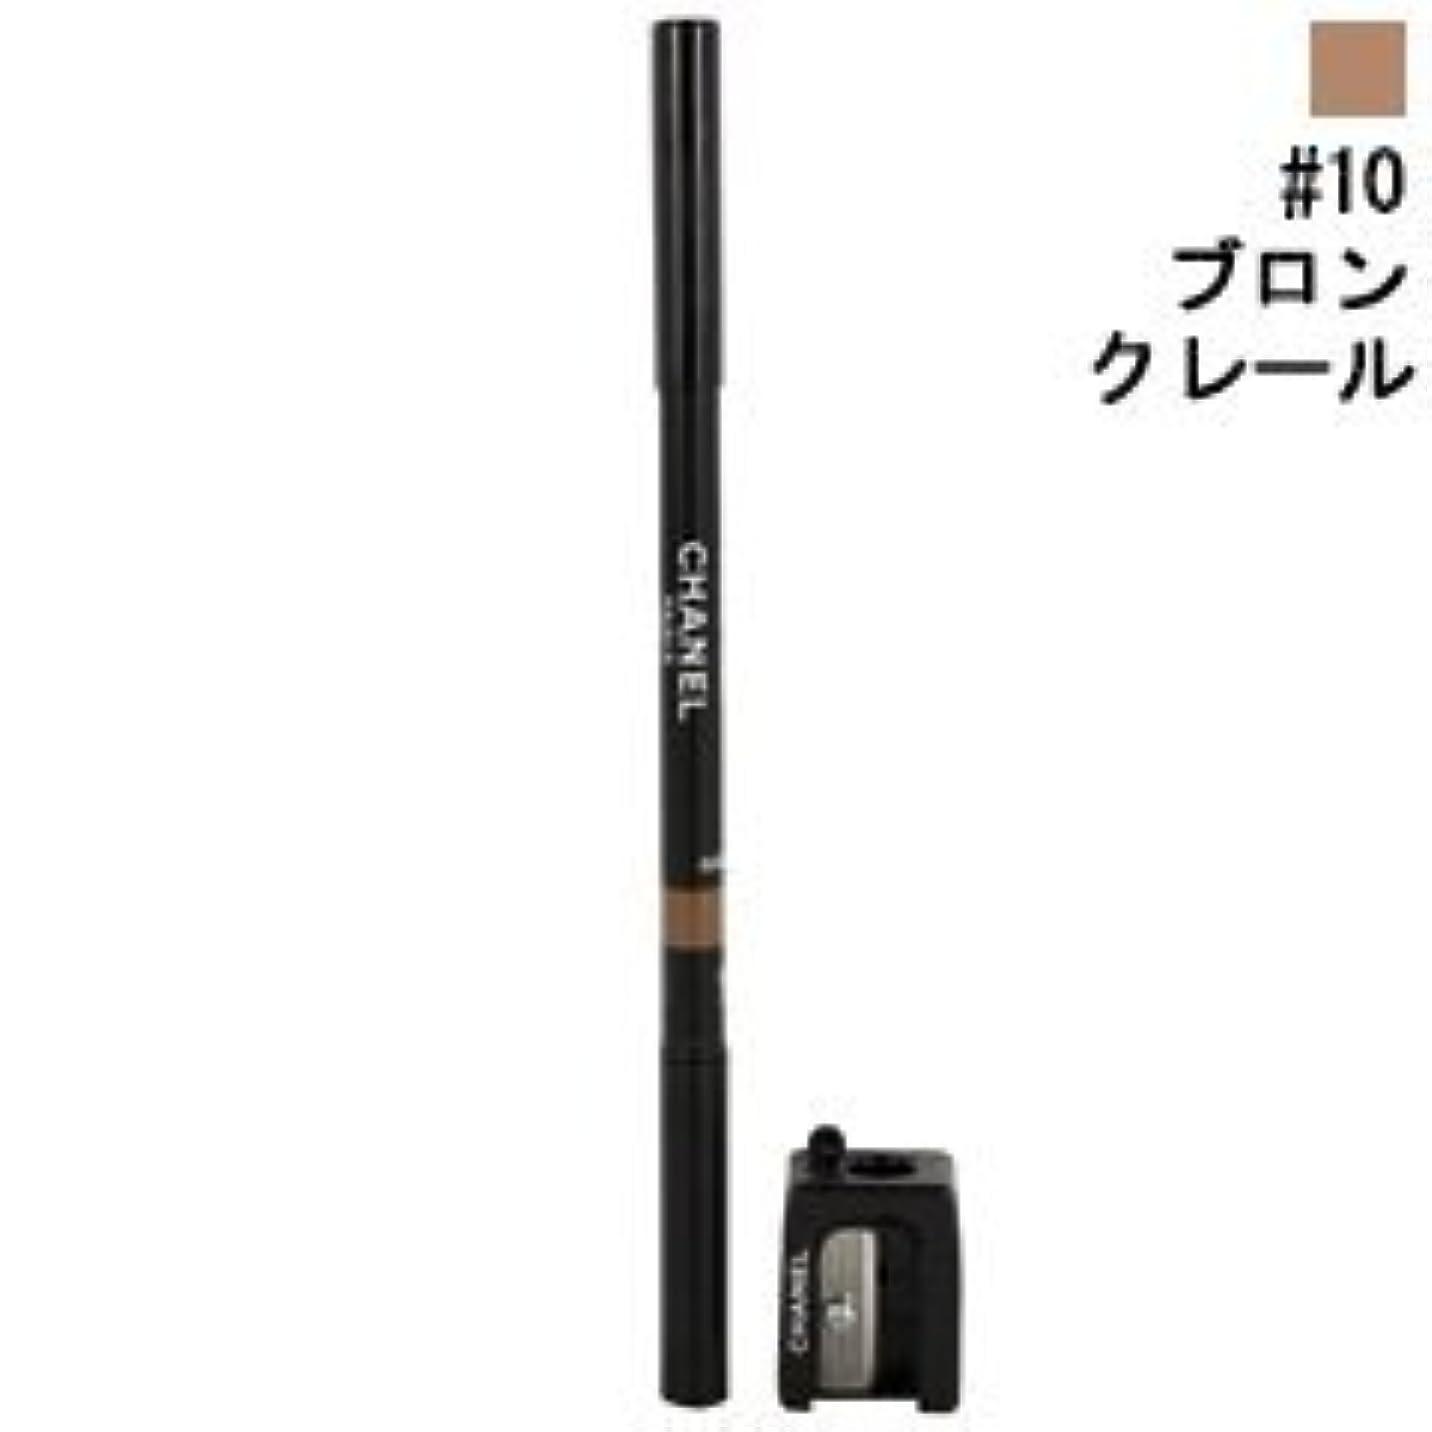 上鉛筆蒸留する【シャネル】クレイヨン スルスィル #10 ブロン クレール 1g (並行輸入品)